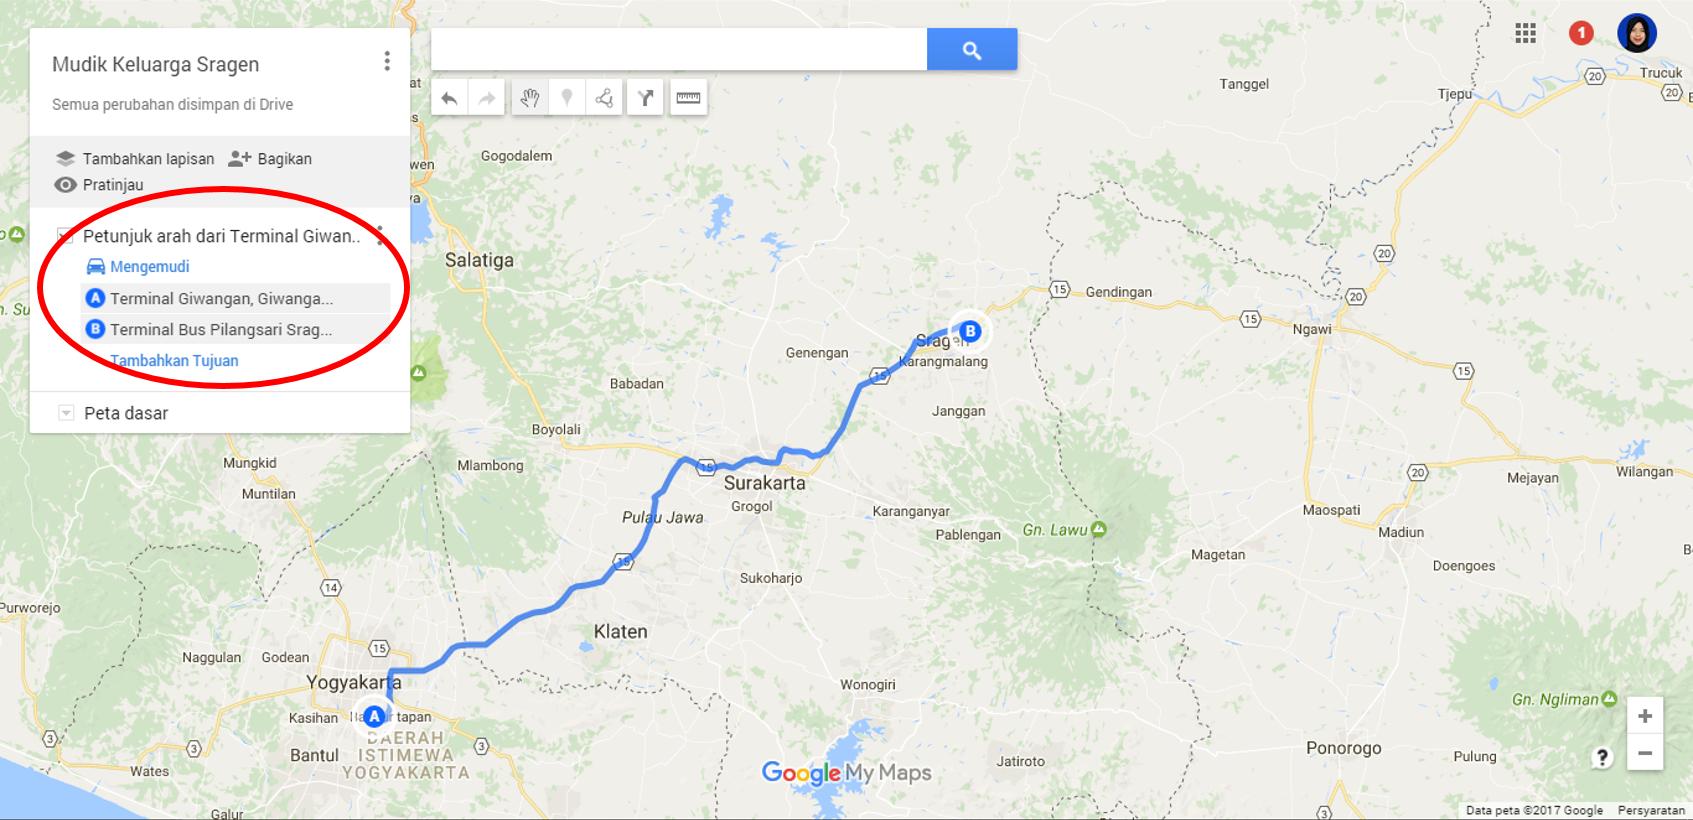 Panduan Membuat Rencana Perjalanan Dengan Fitur Rute Checkpoint Lacakin Blog Gamatechno